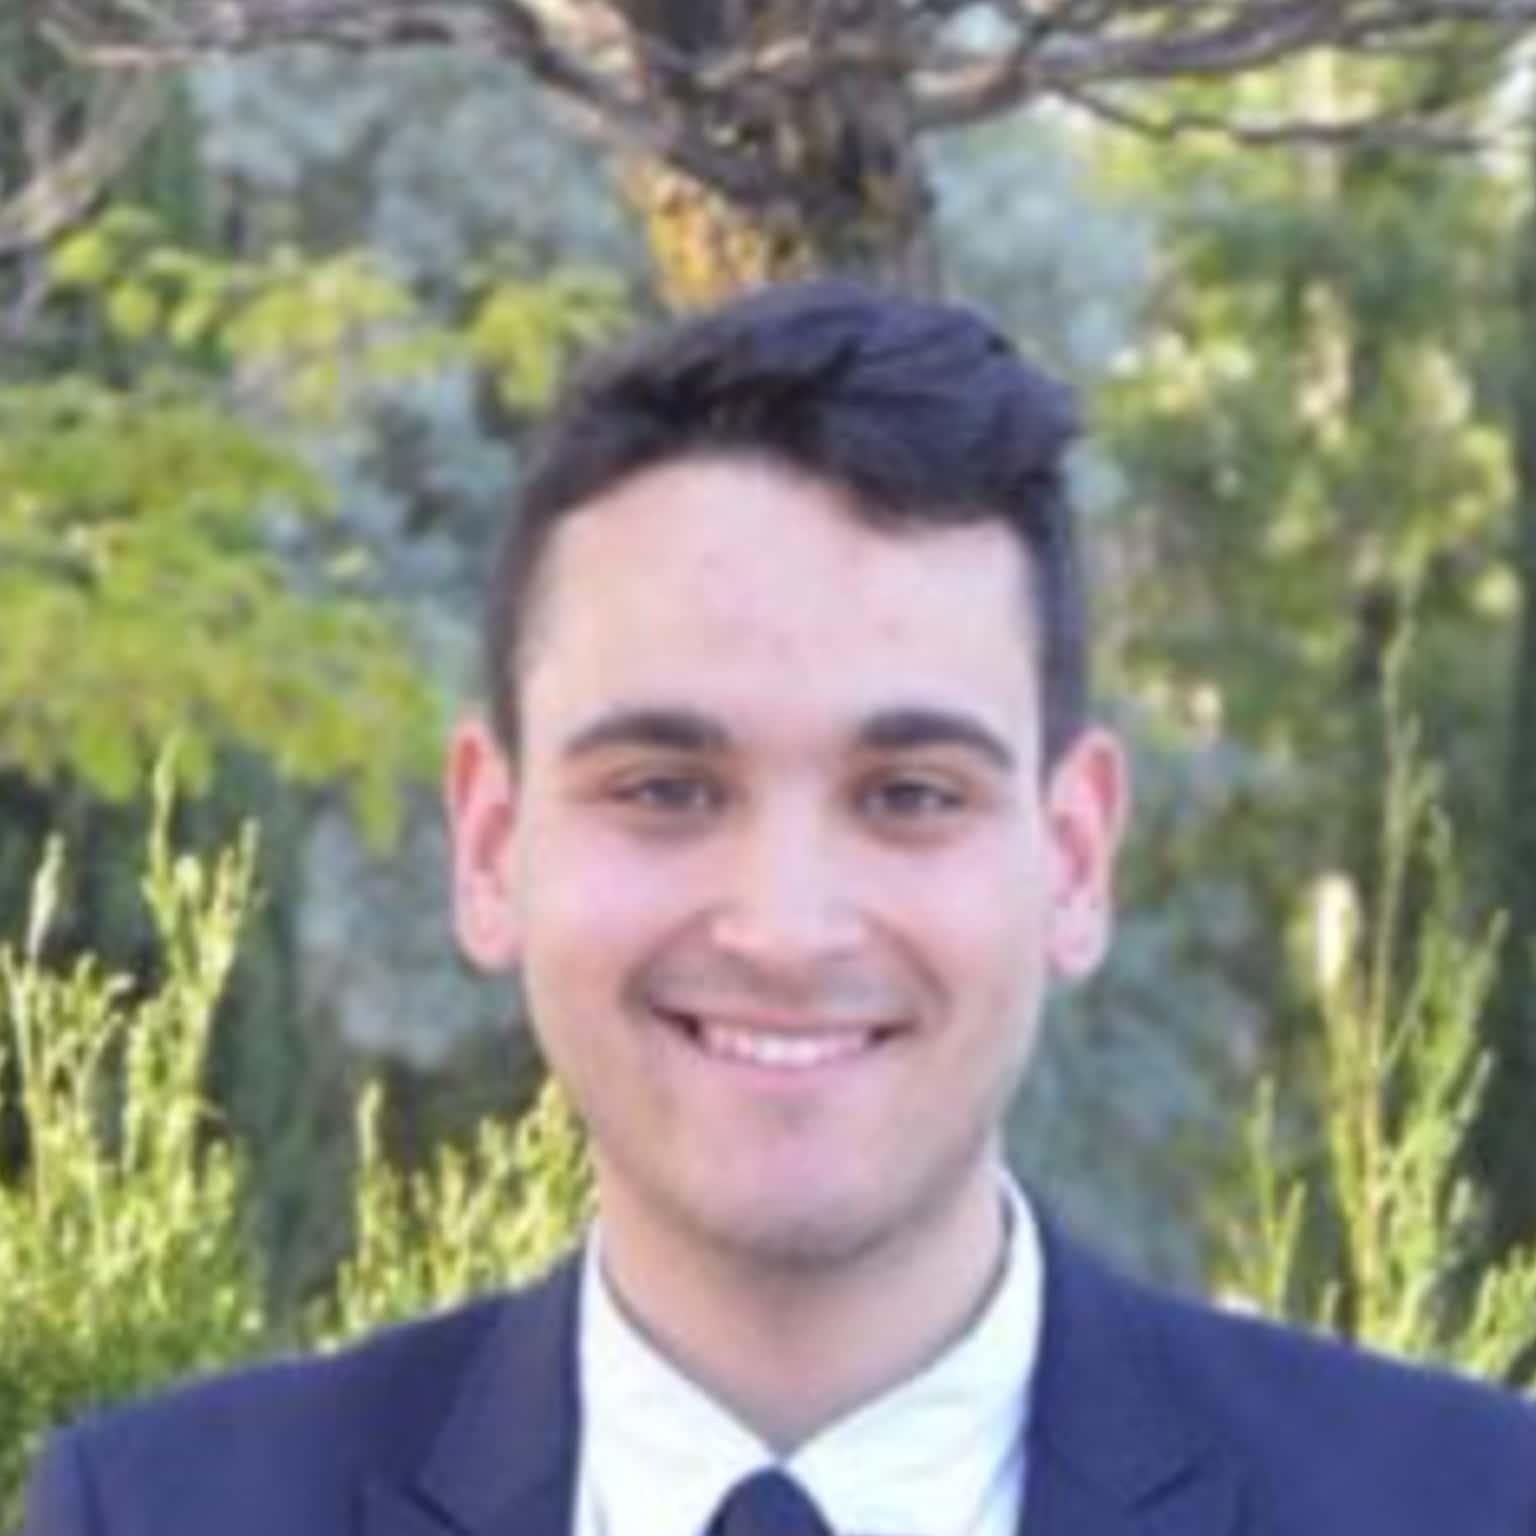 Carlos- Proyectos con impacto social y ambiental